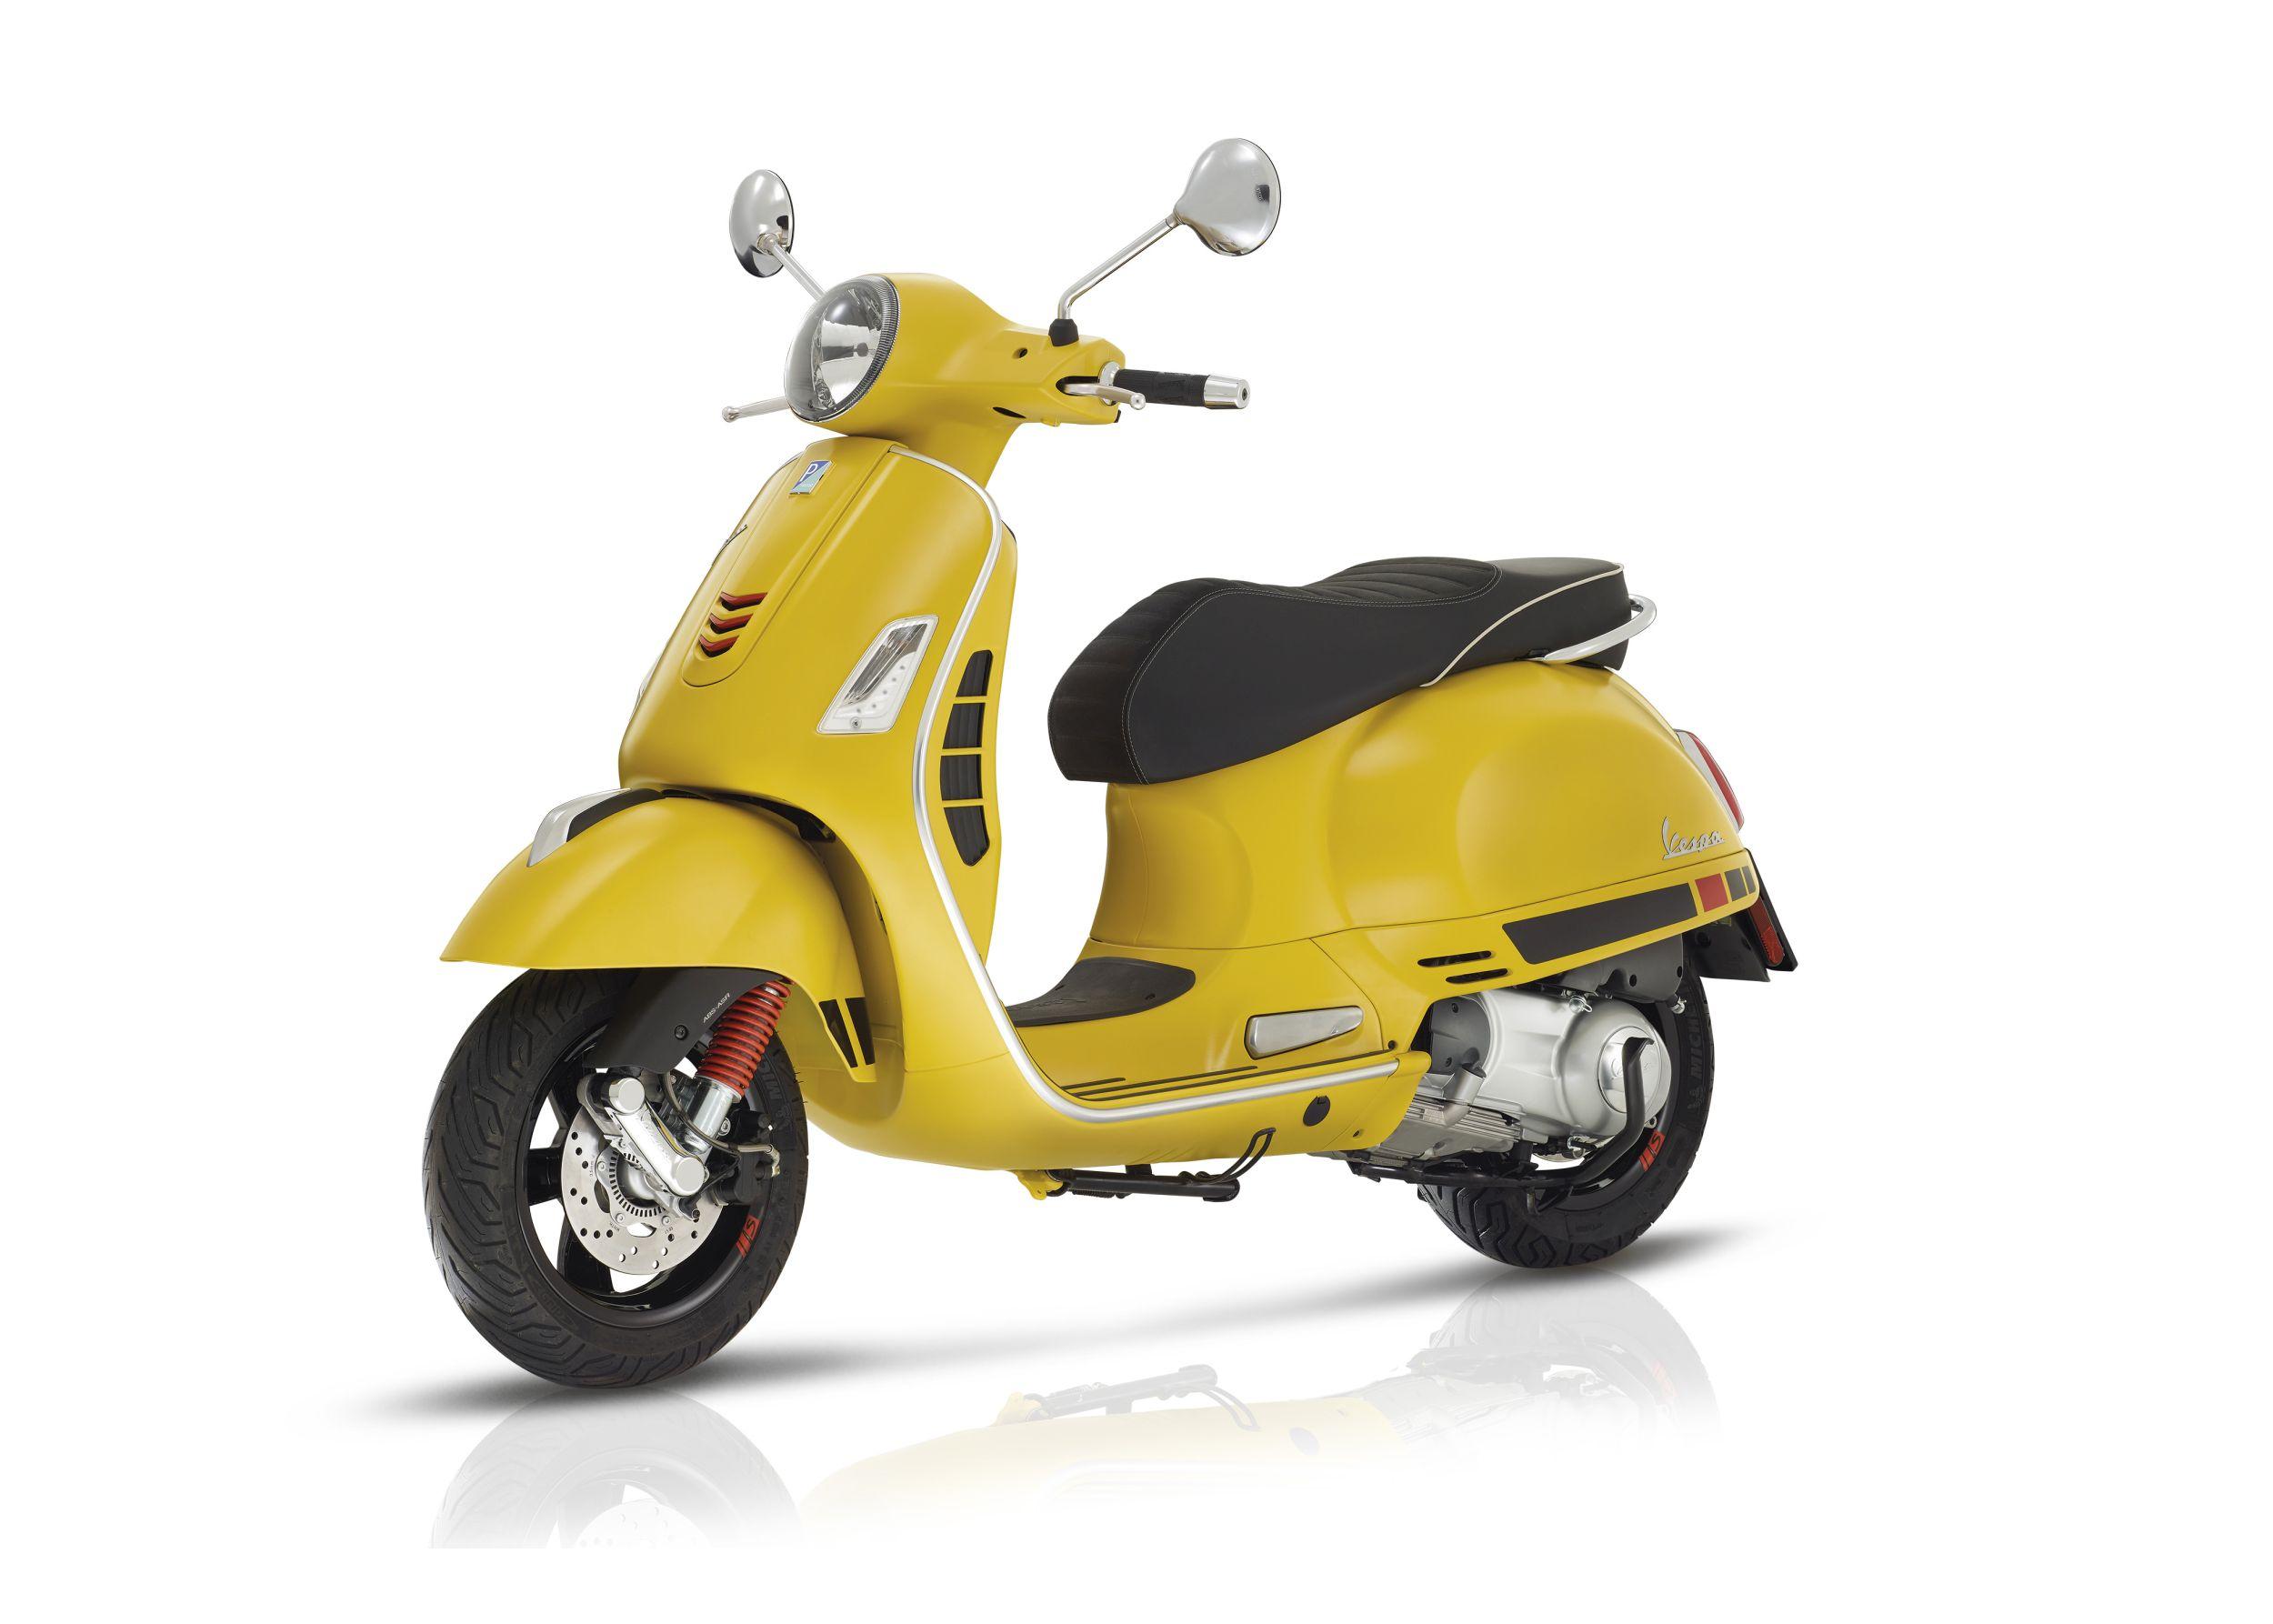 Vespa Yellow Bike